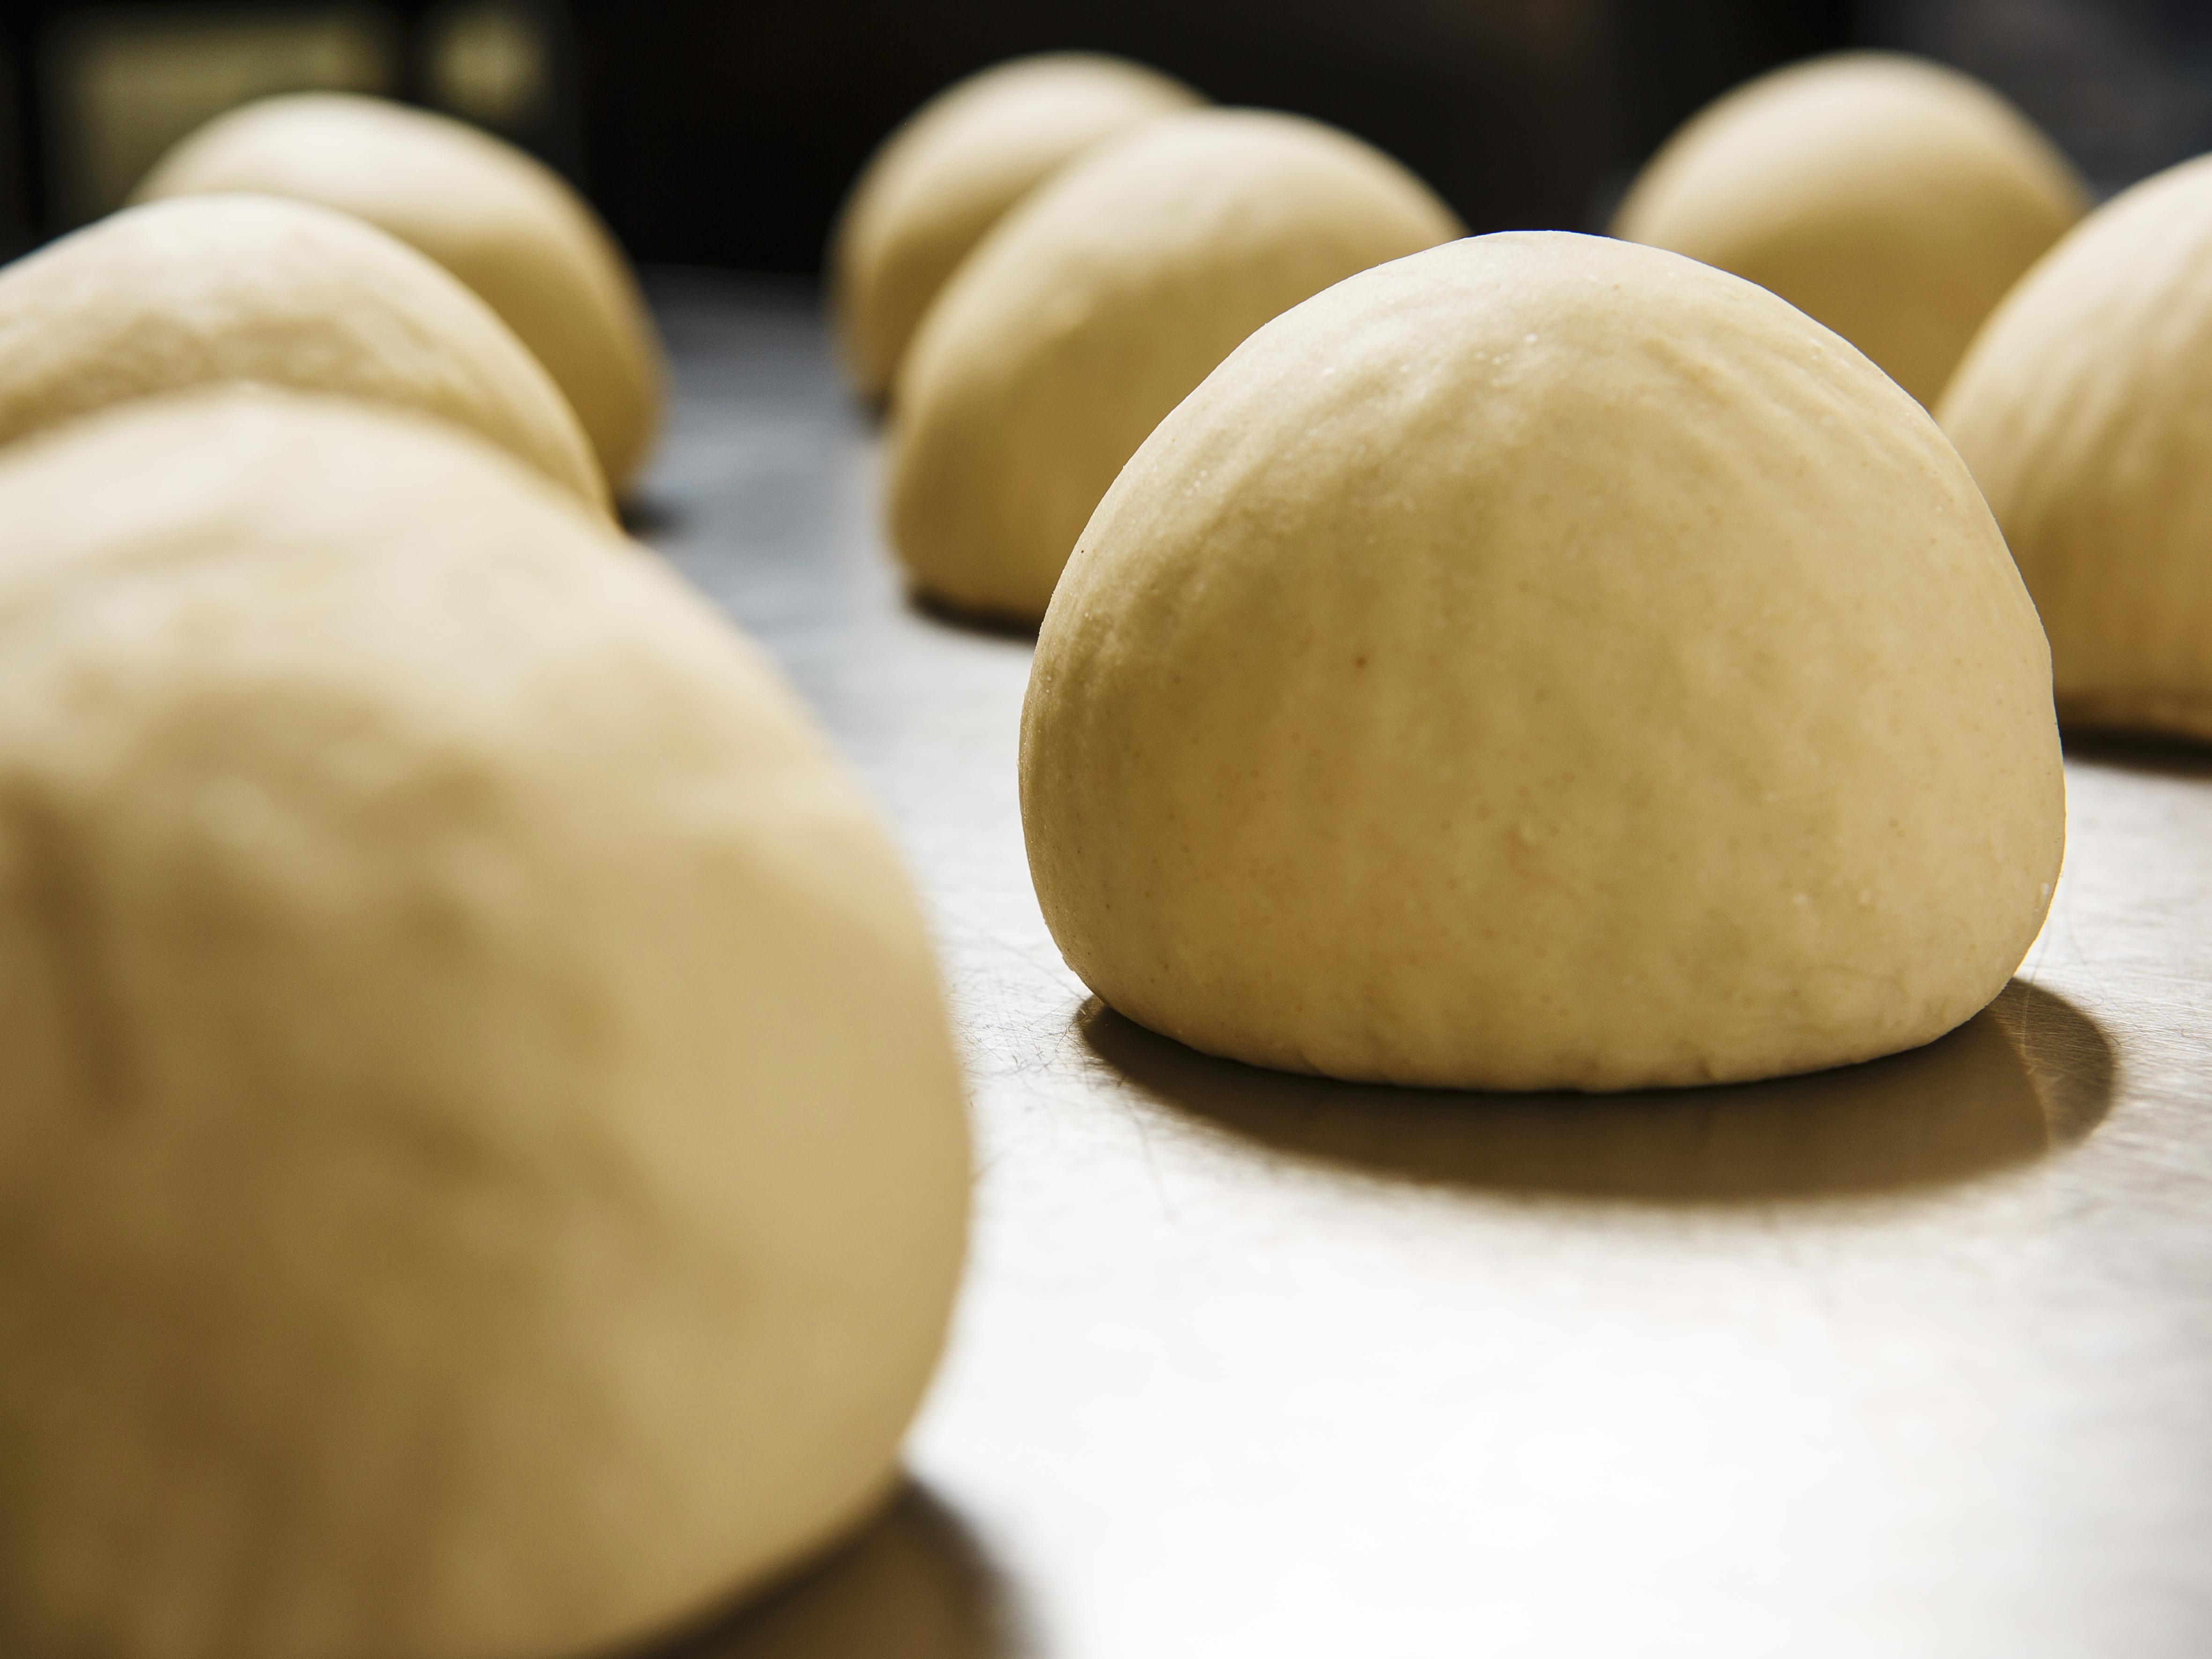 pâtons_à_fermentation_lente_qui_pousseront_4_jours_en_chambre_froide_pour_apporter_croustillant_et_l